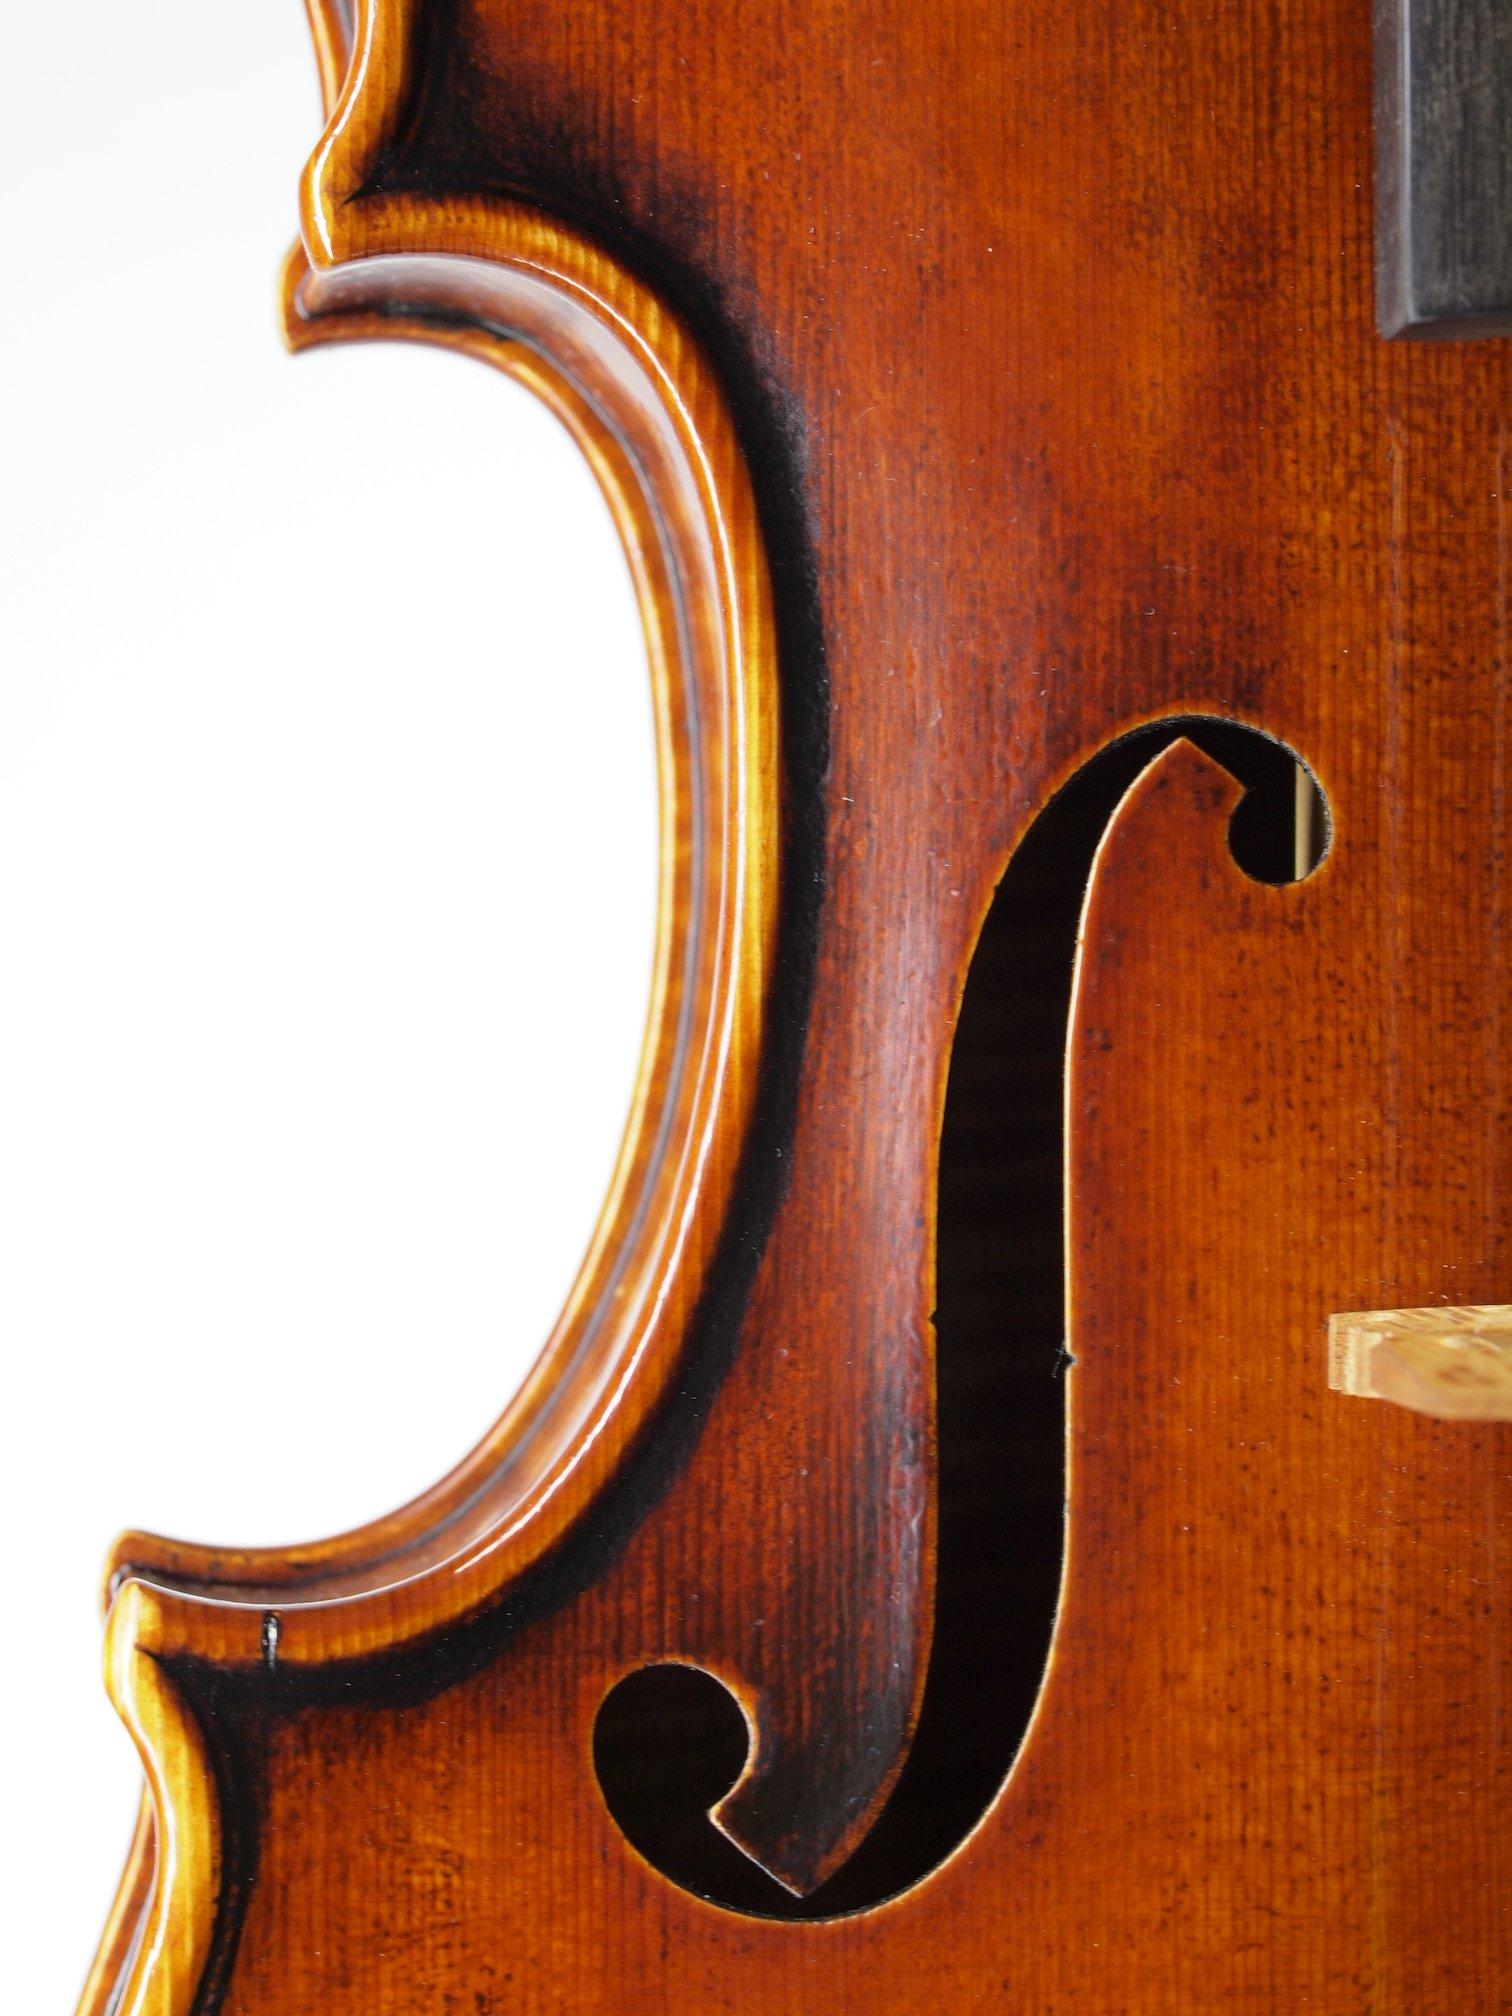 Kopie einer Violine von Enrico Giuseppe Rocca, Genua 1901